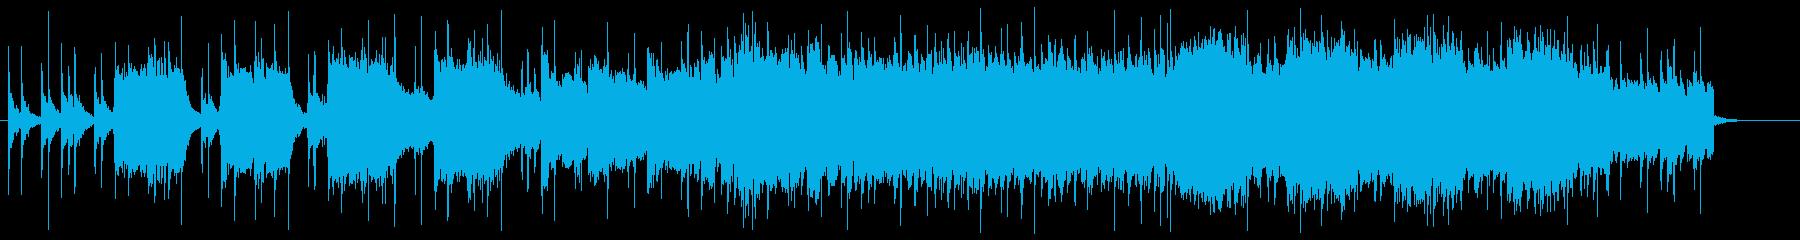 CM向けロックアンセムの再生済みの波形